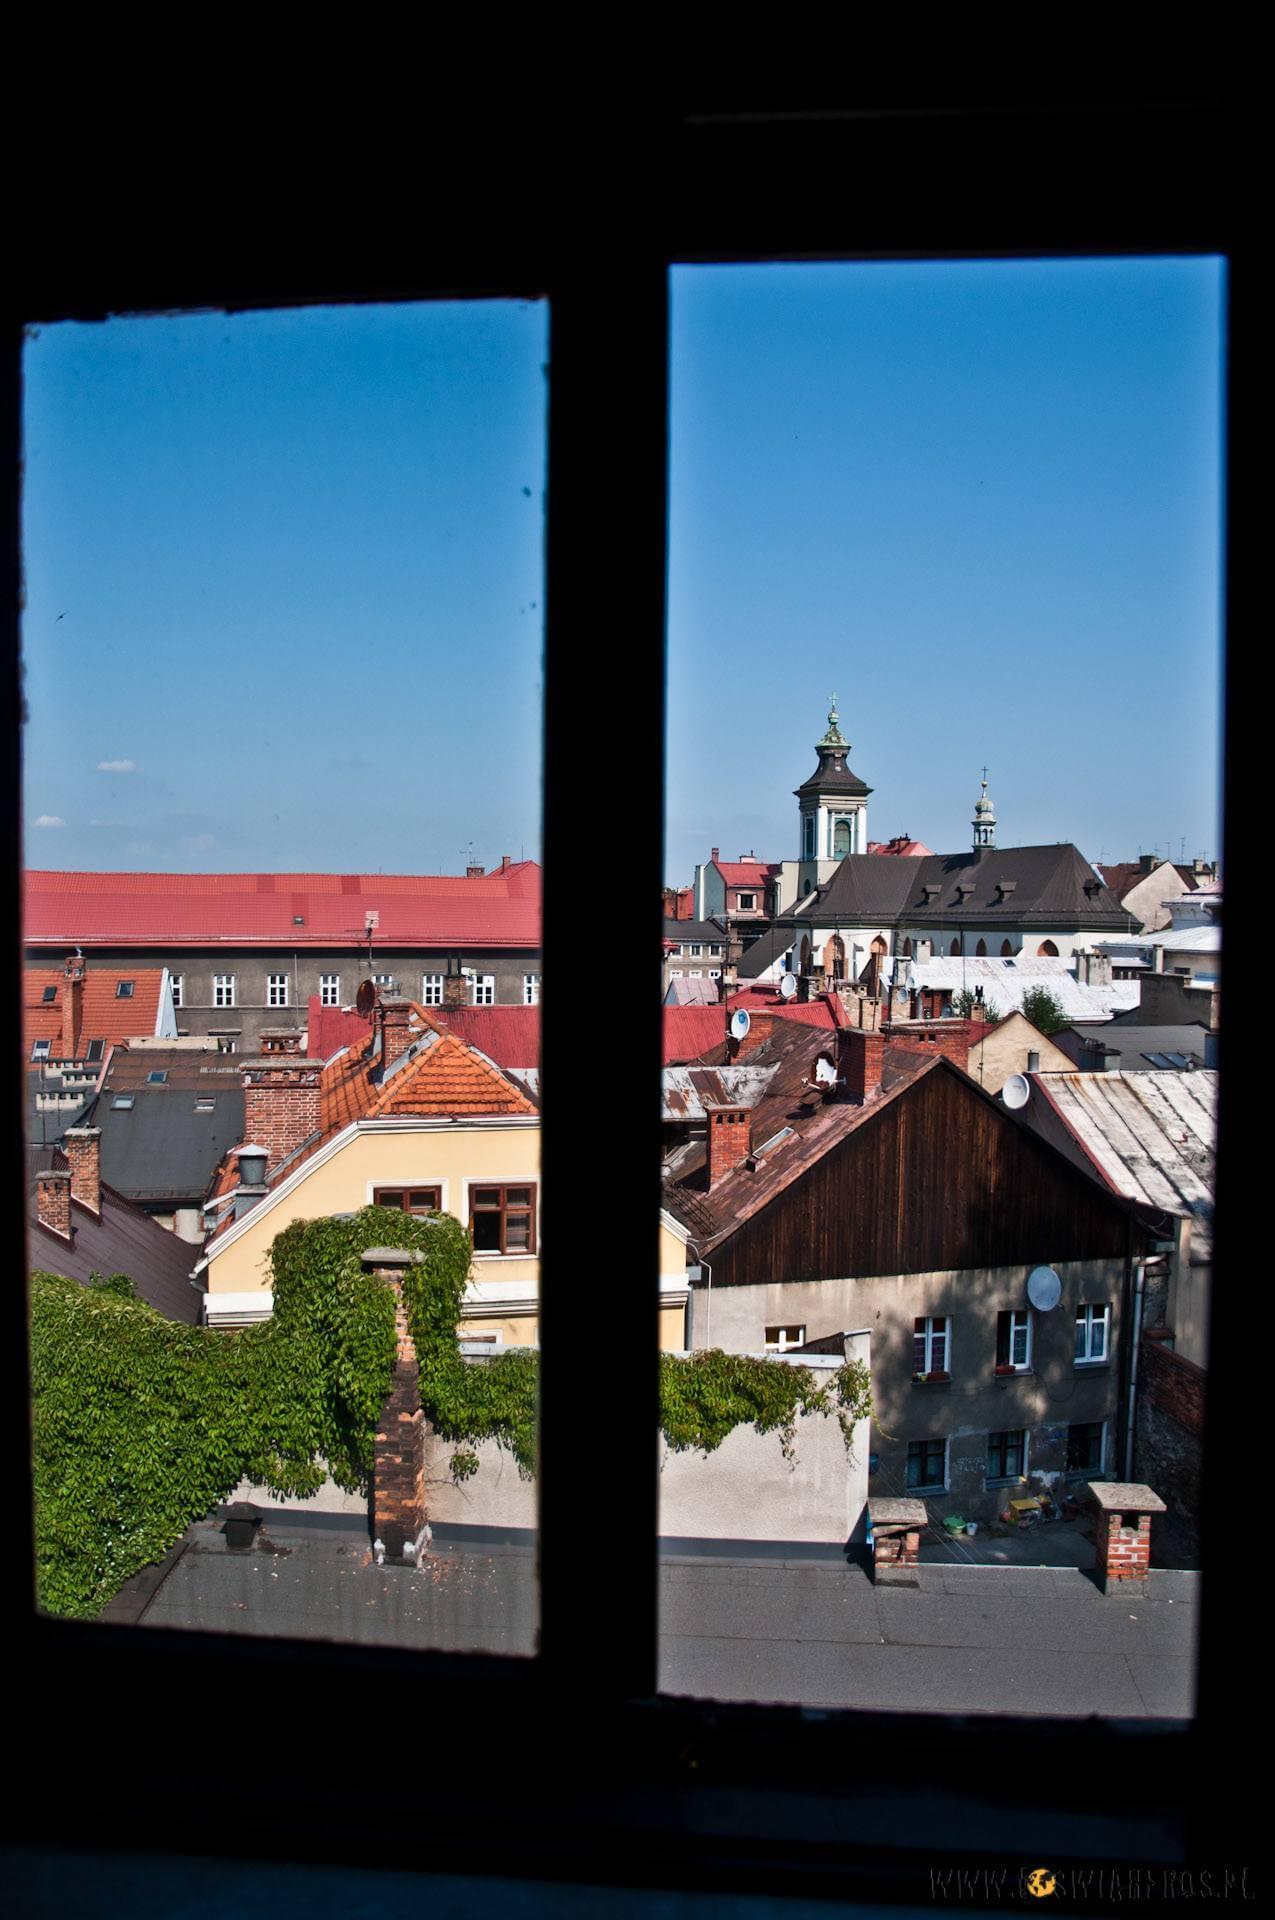 Widok na centrum Cieszyna, a raczej jego dachy... [f/3.5, 16mm]